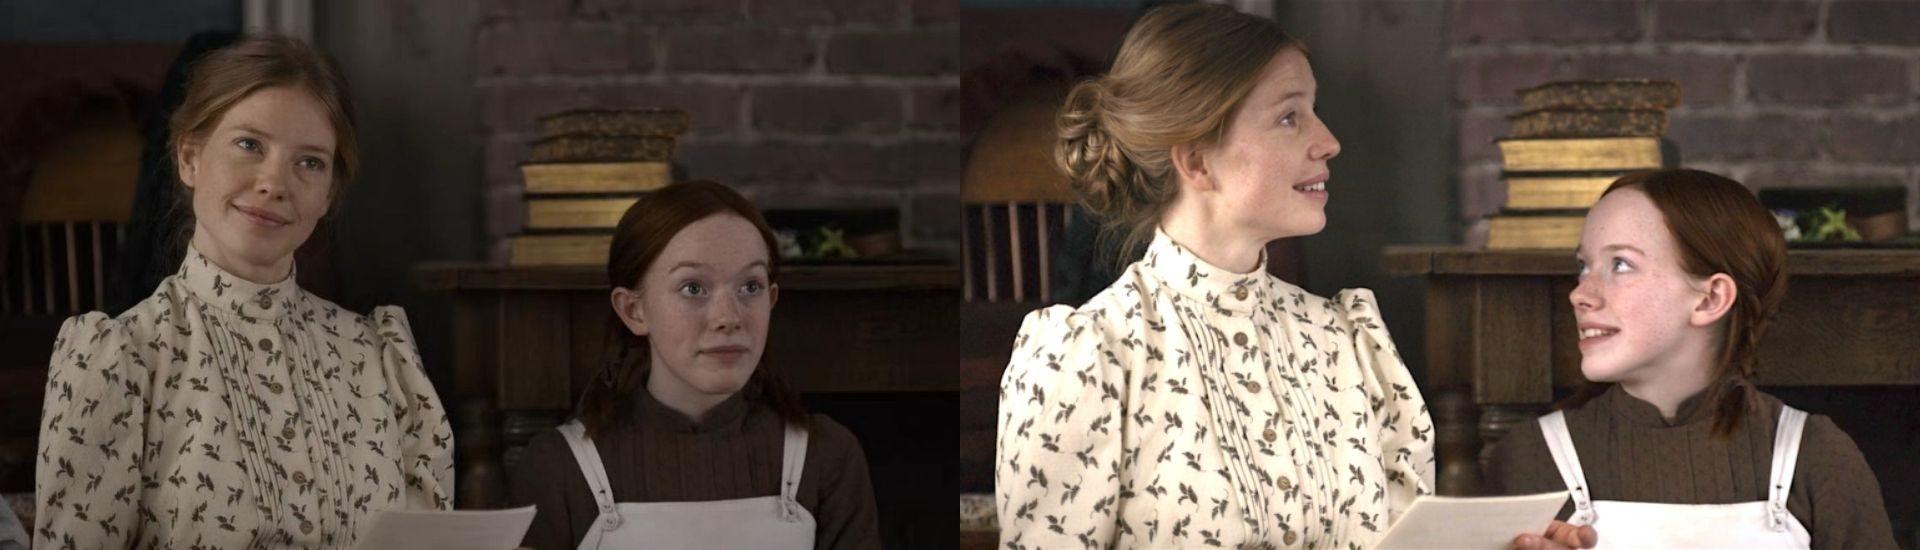 Imágenes de las actrices que interpretan a Muriel y a Anne